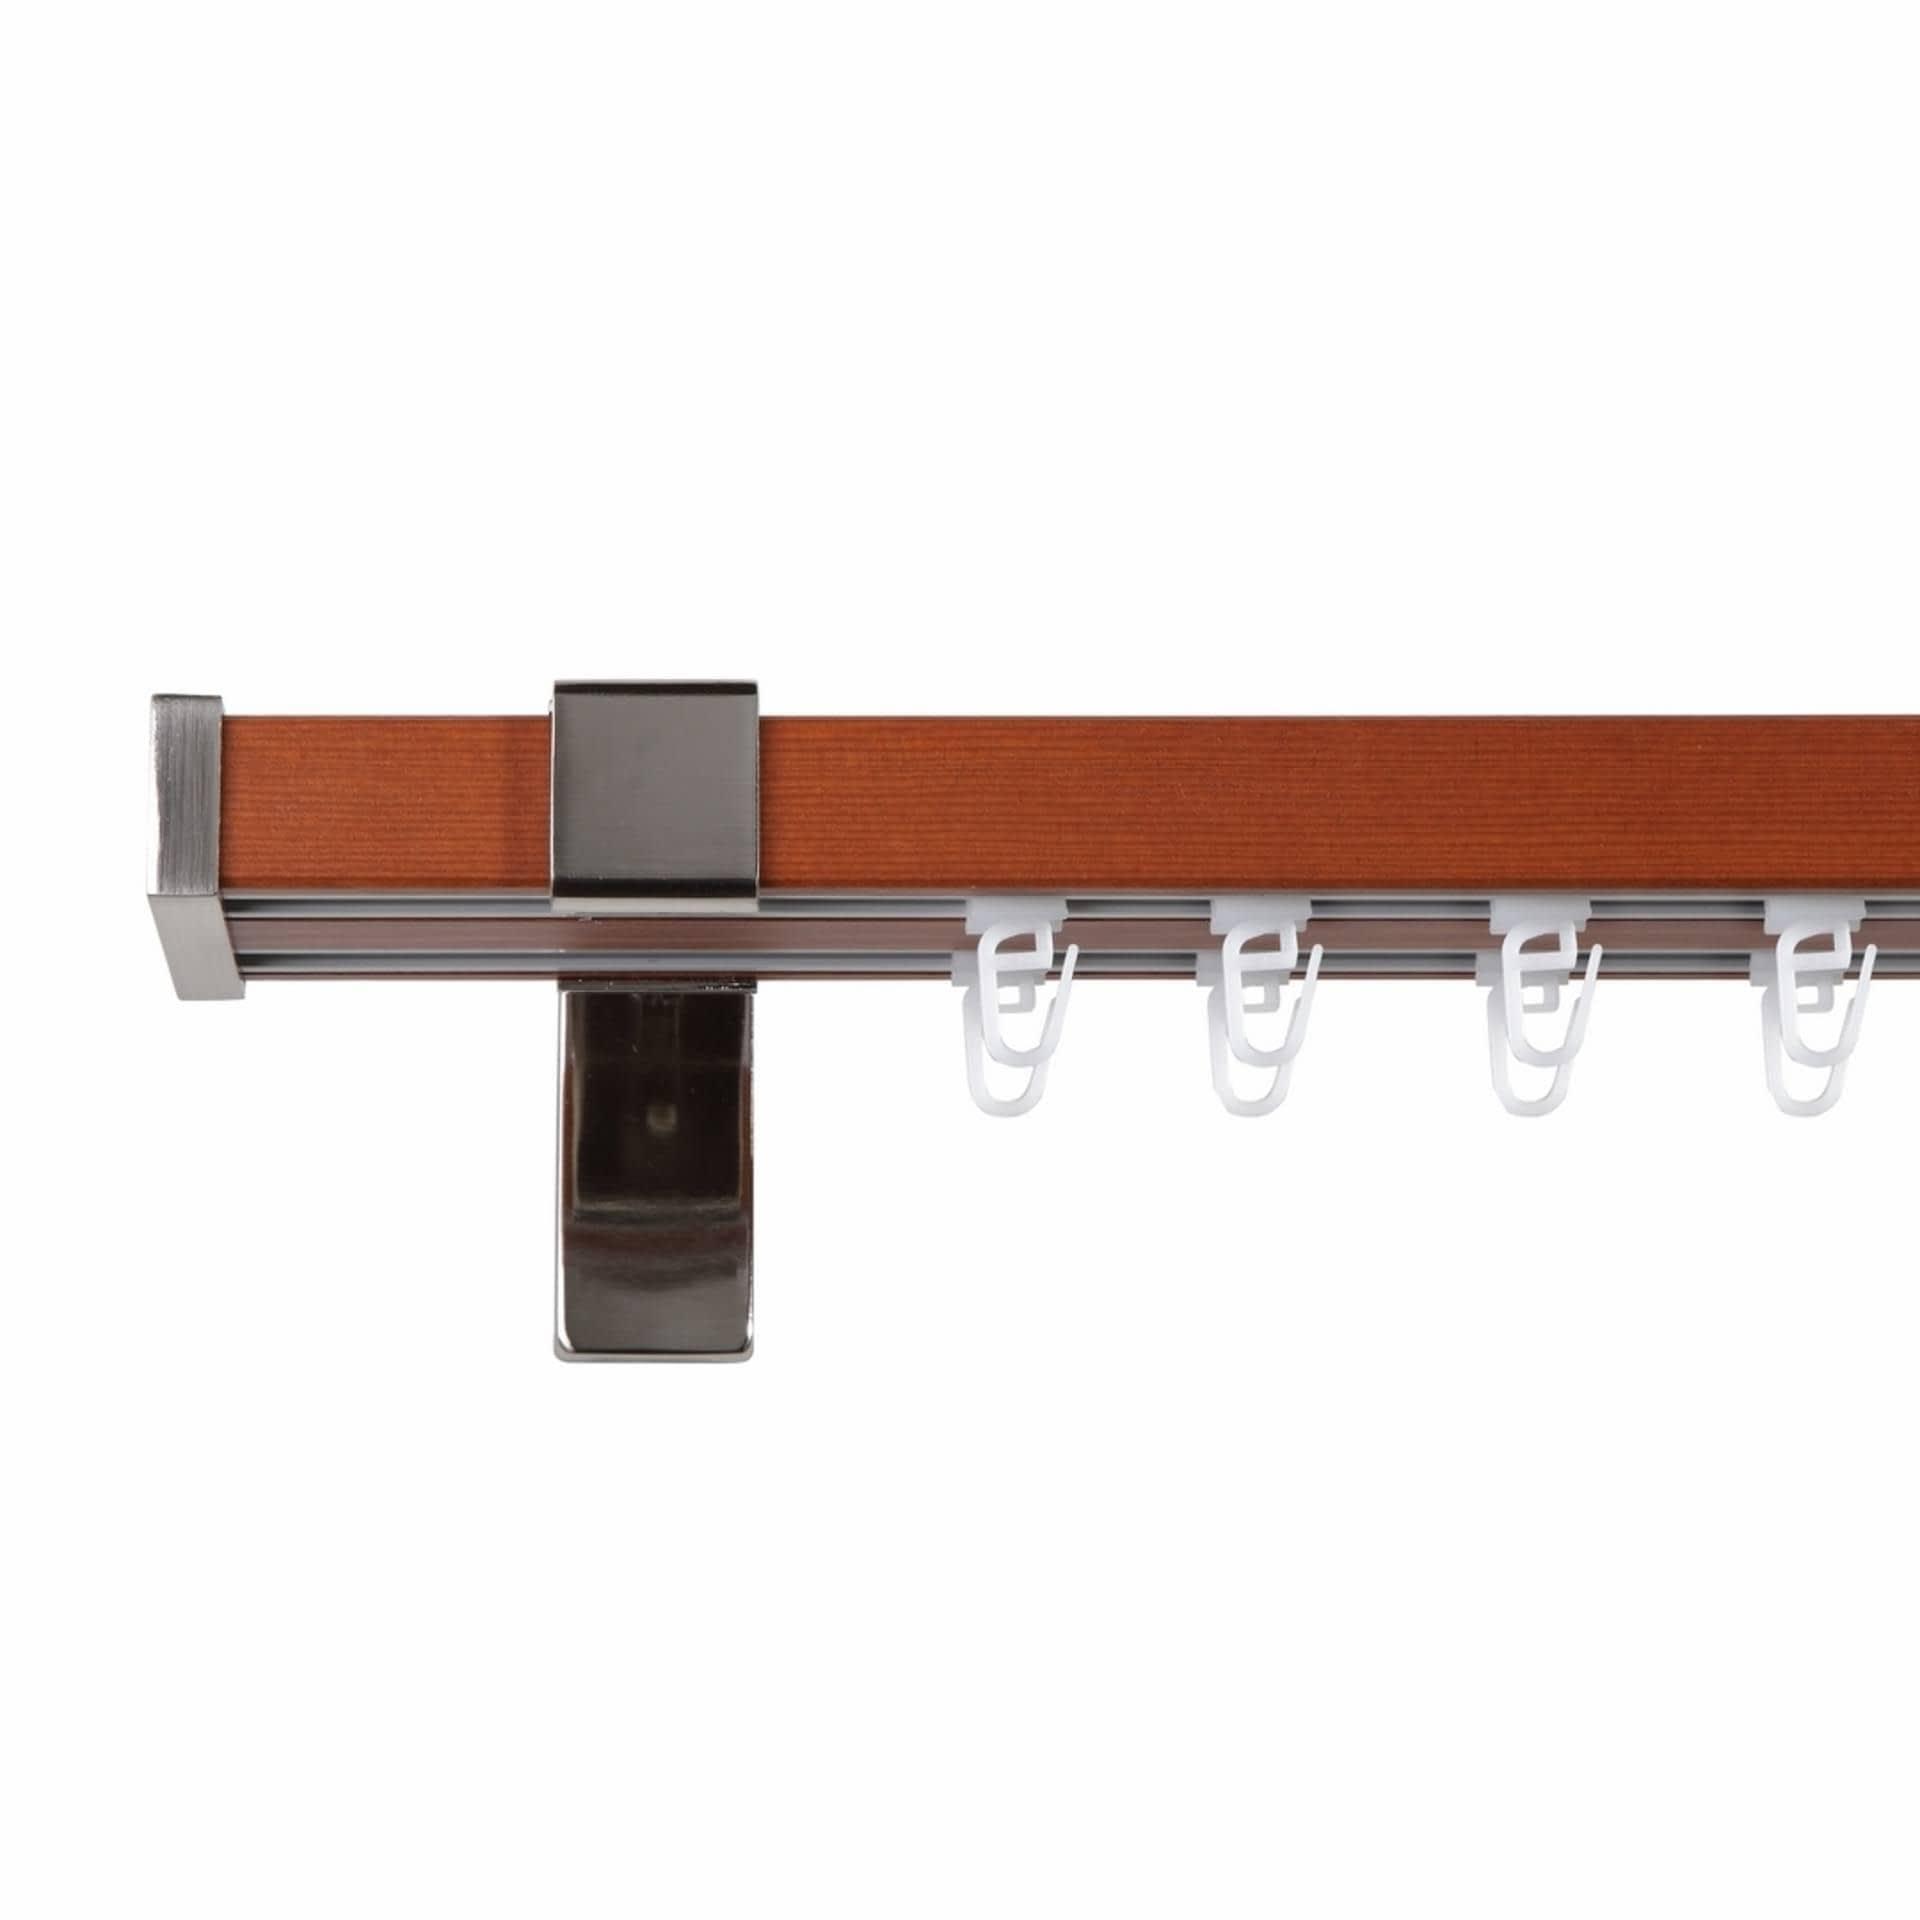 Тканини карнизи - Карниз Квадрато І сталь+черешня 25мм/200см